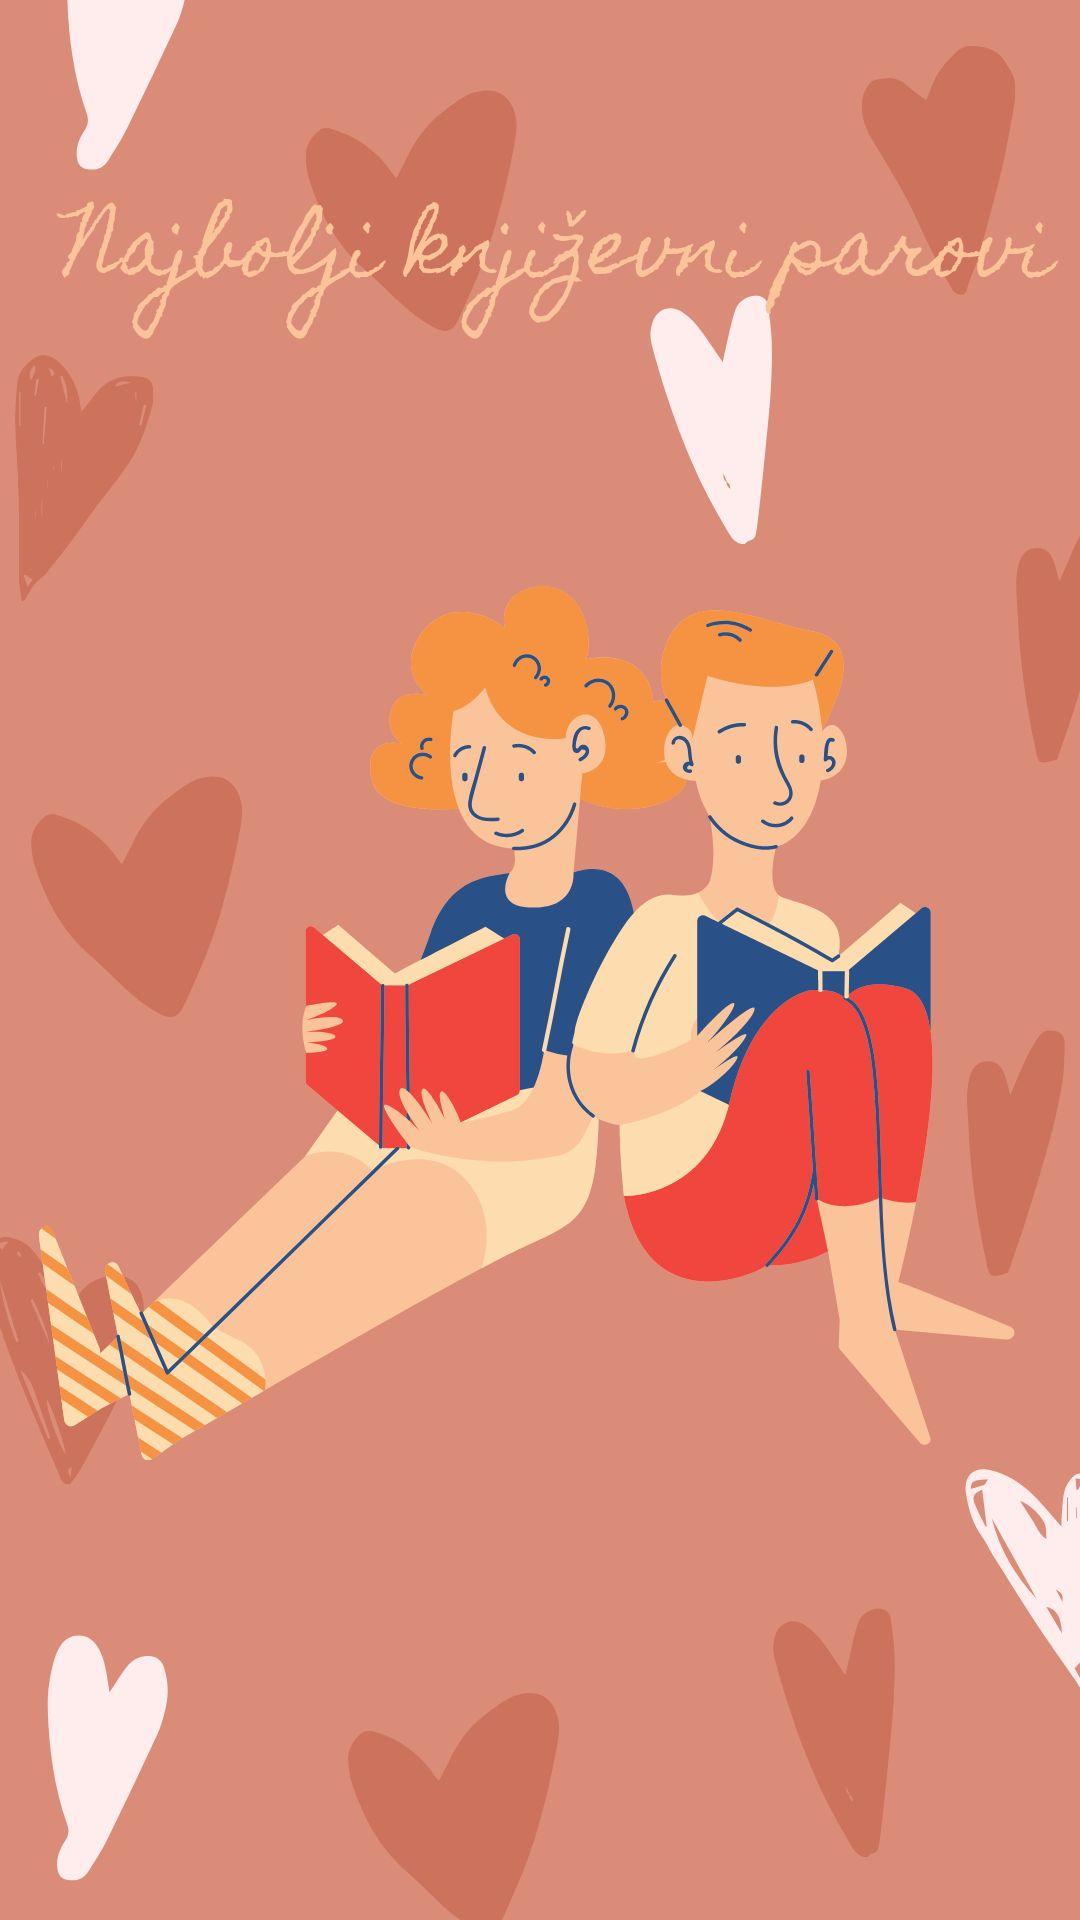 Najbolji književni parovi